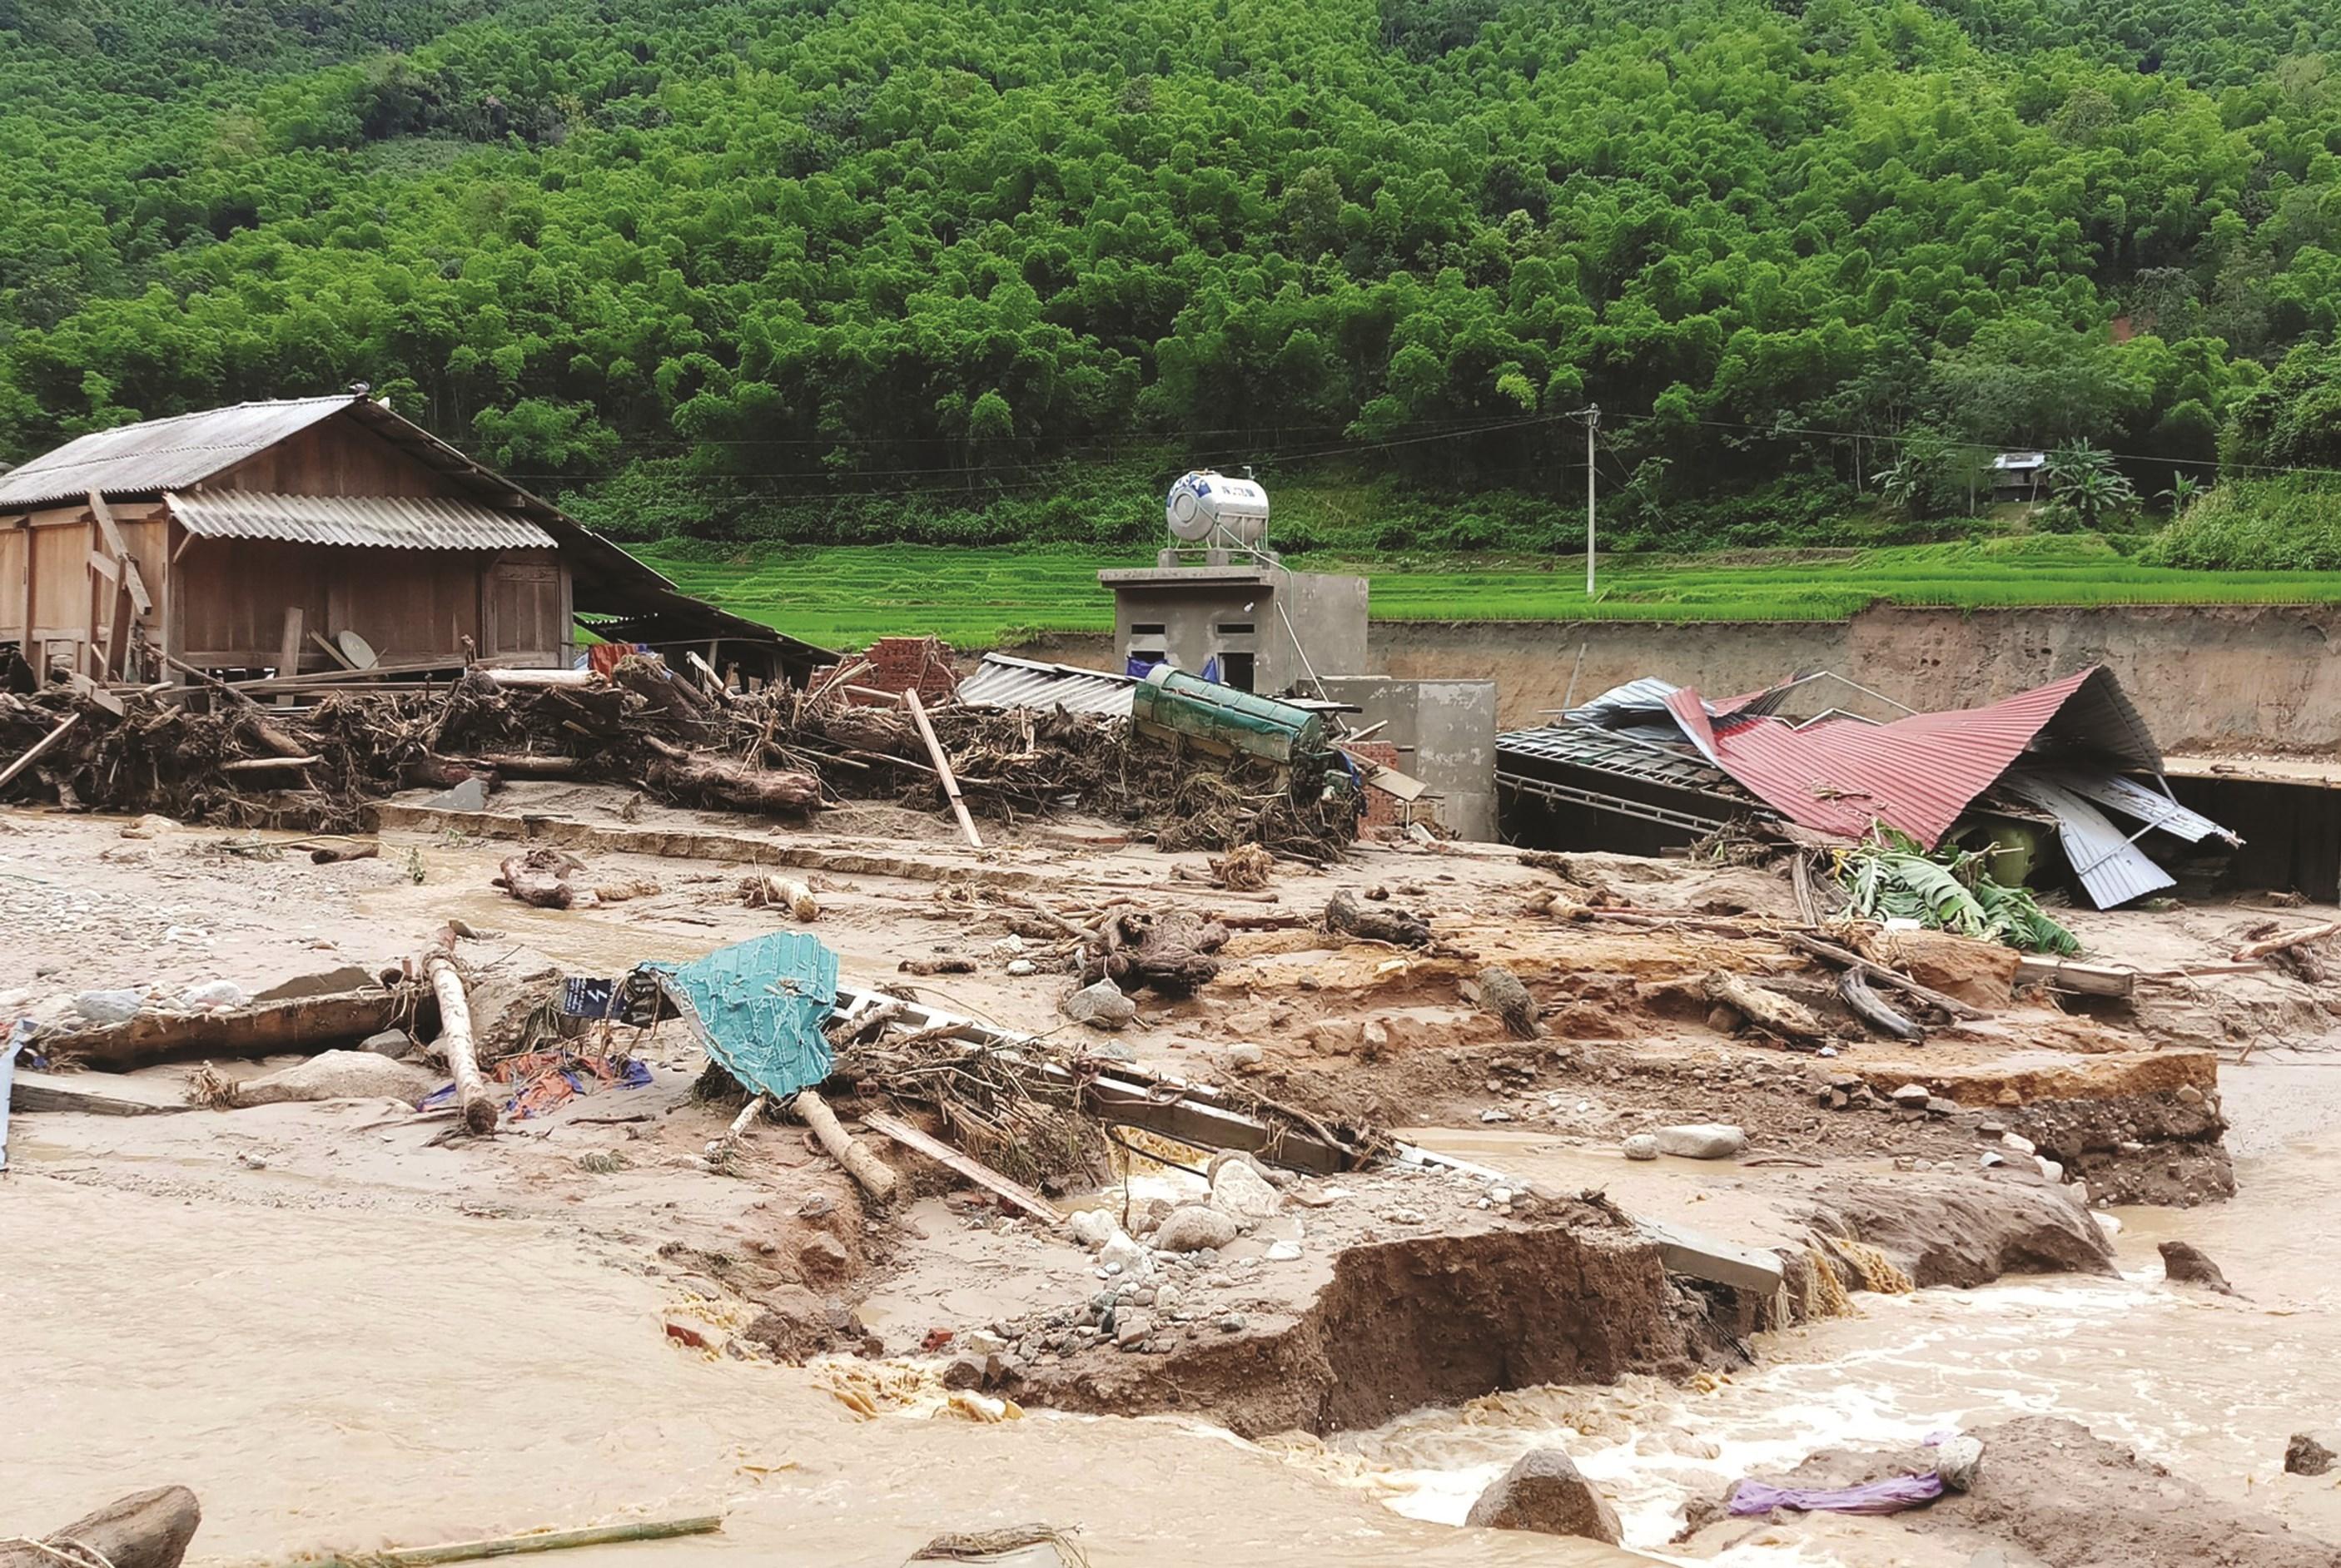 Mỗi năm, mưa lũ, thiên tai lại gây nhiều thiệt hại cho đồng bào vùng DTTS và miền núi. (Ảnh tư liệu)